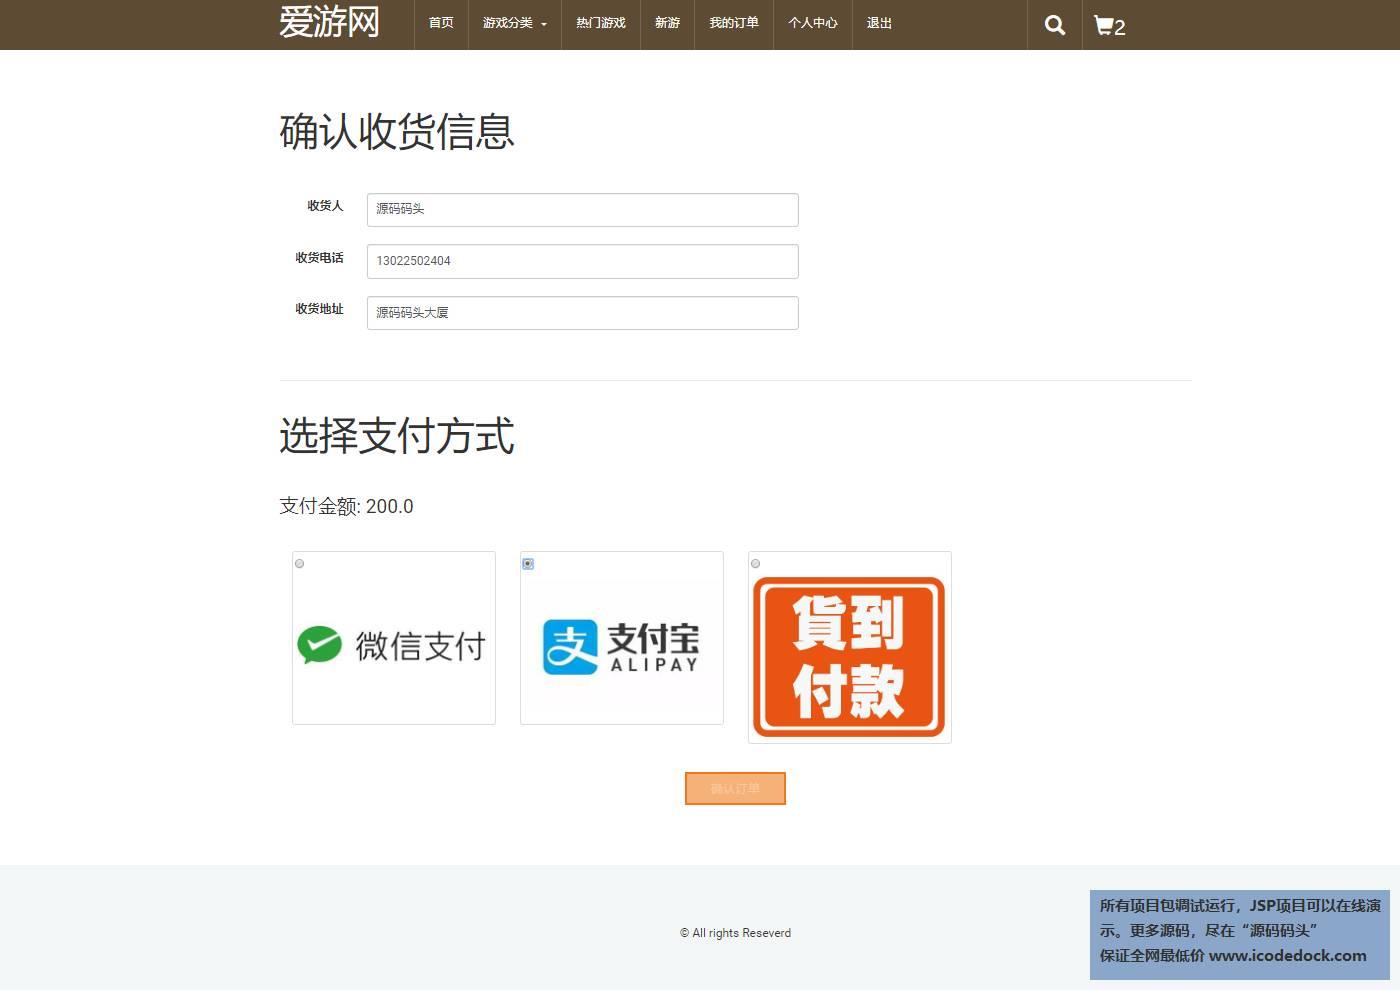 源码码头-JSP游戏购买网站-用户角色-提交订单